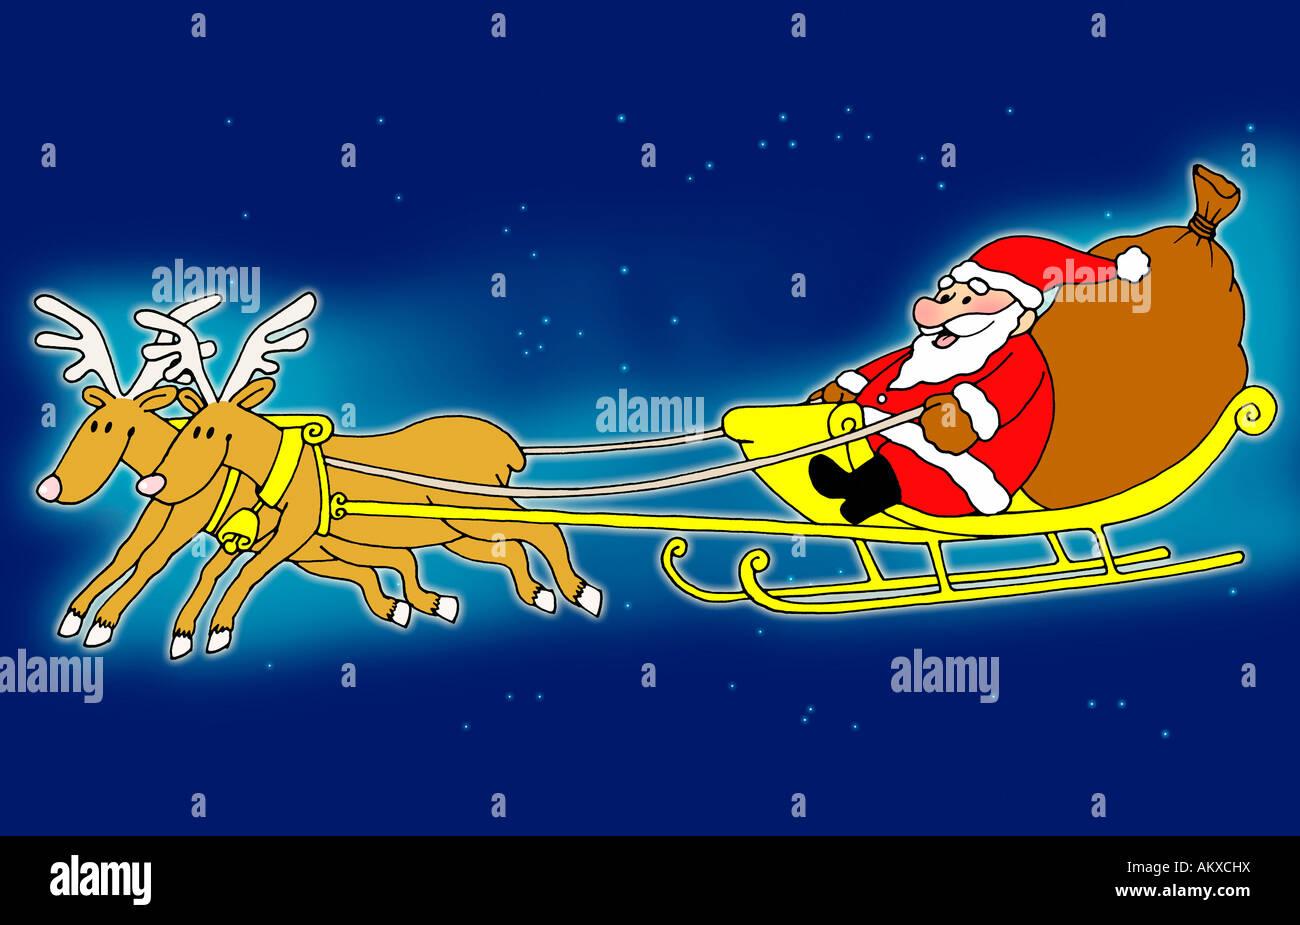 santa claus sitting in his sleigh flying with reindeer - Santa With Reindeer